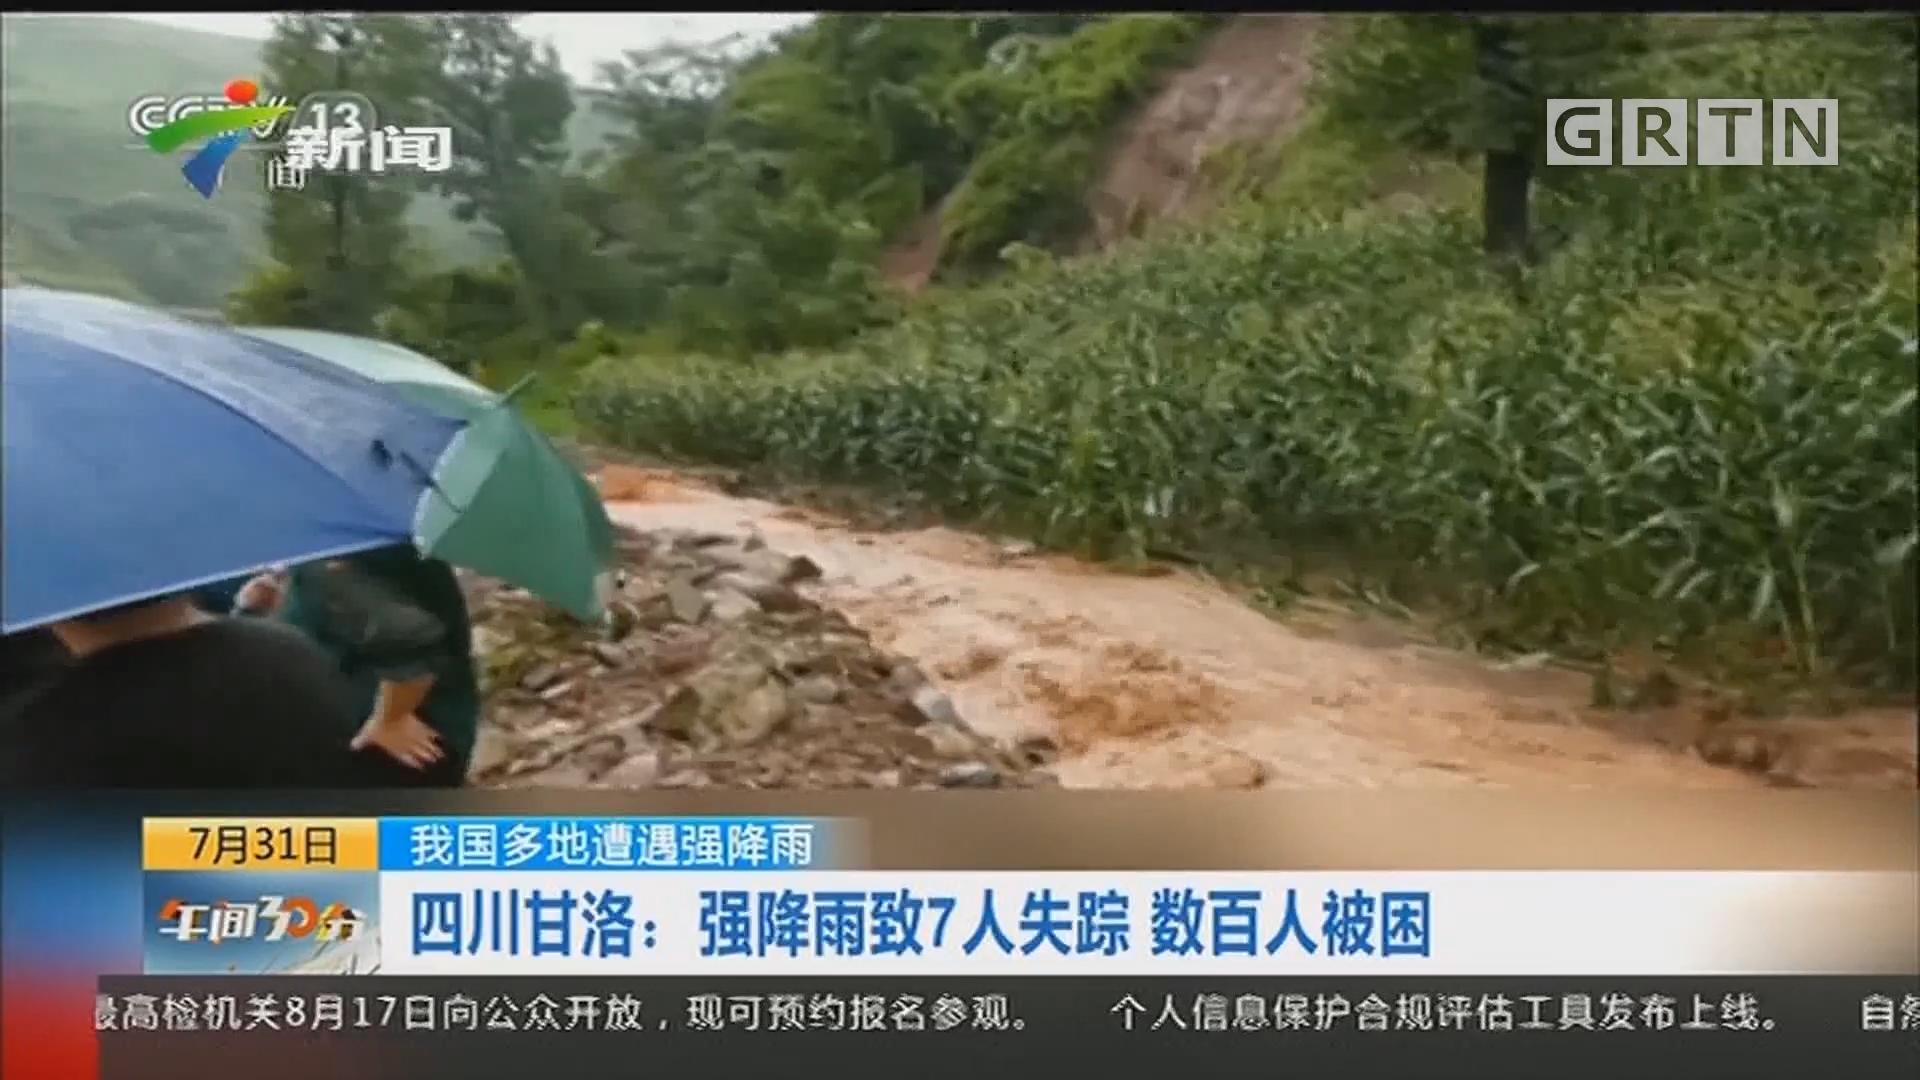 我国多地遭遇强降雨 四川甘洛:强降雨致7人失踪 数百人被困